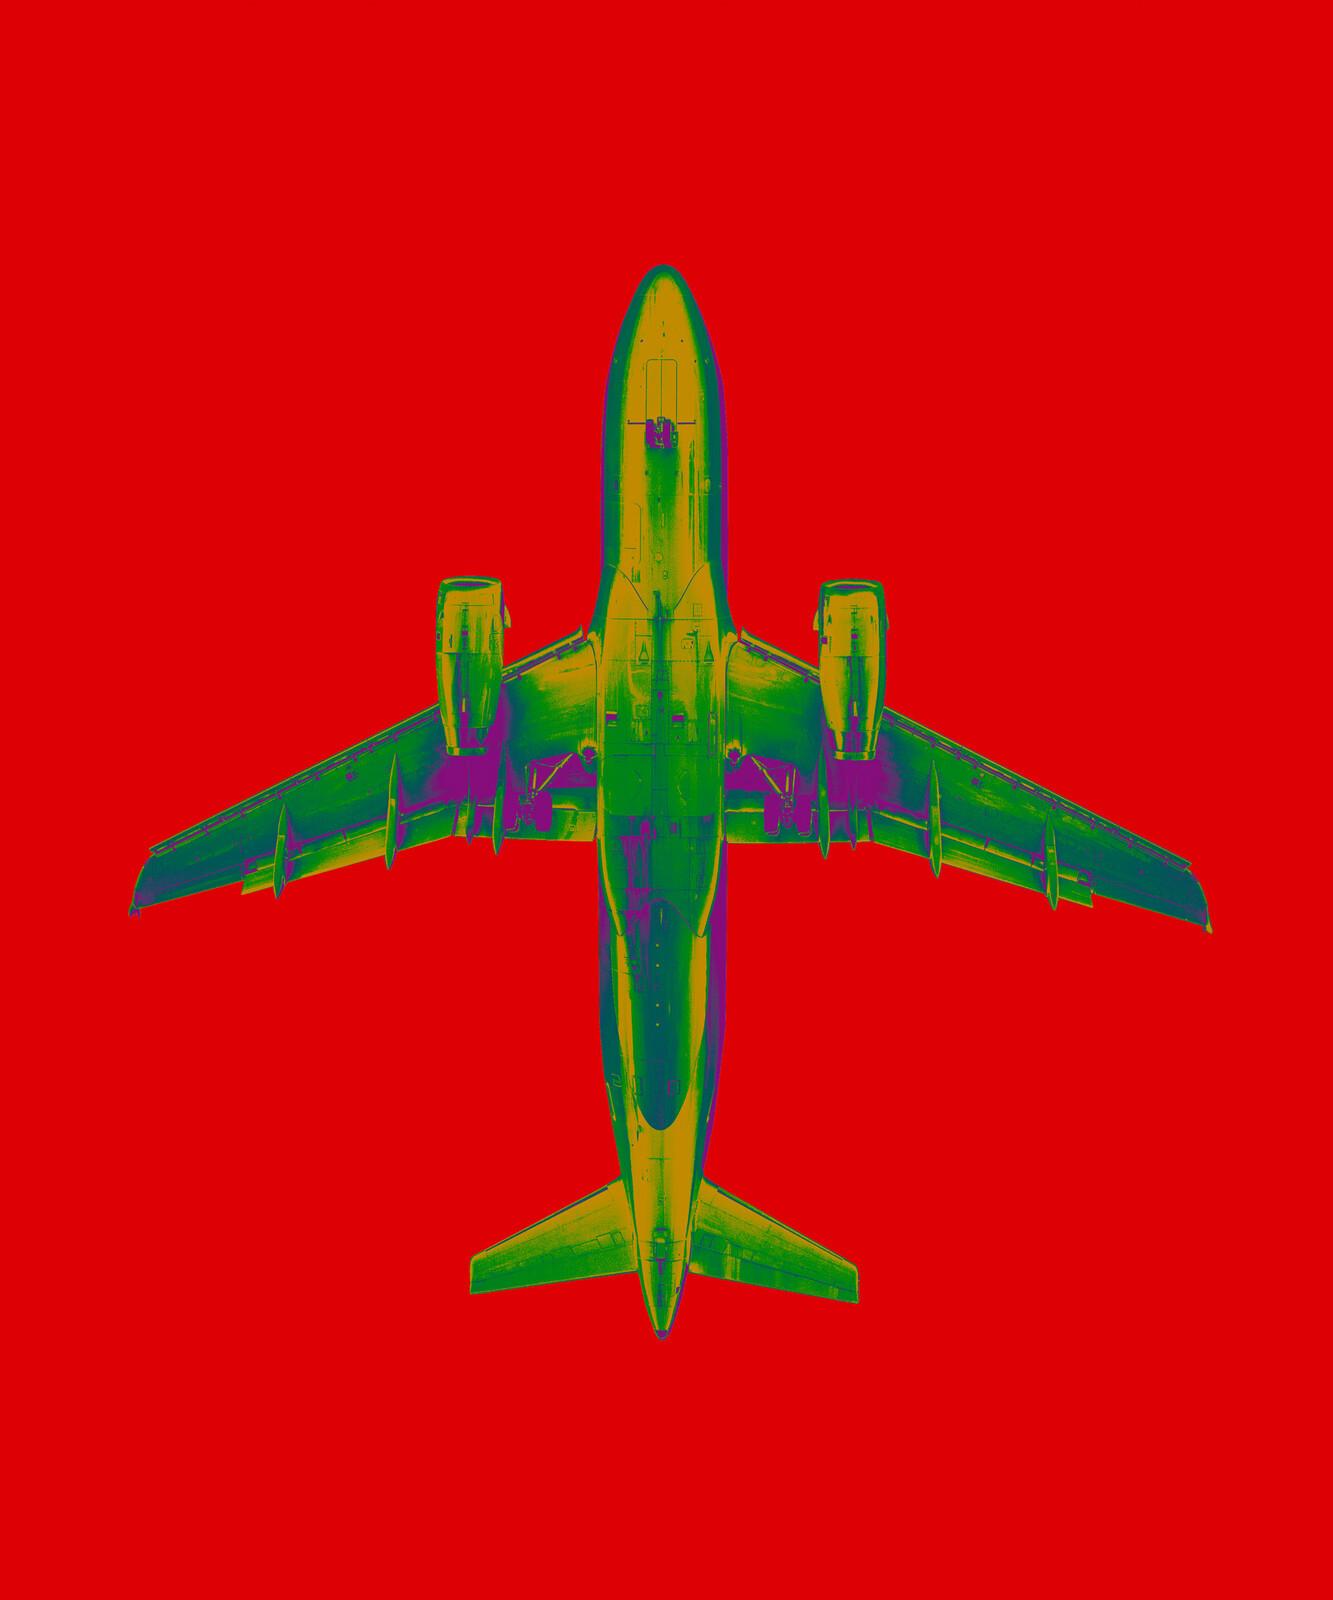 plane_06_15_12d - Thomas Eigel